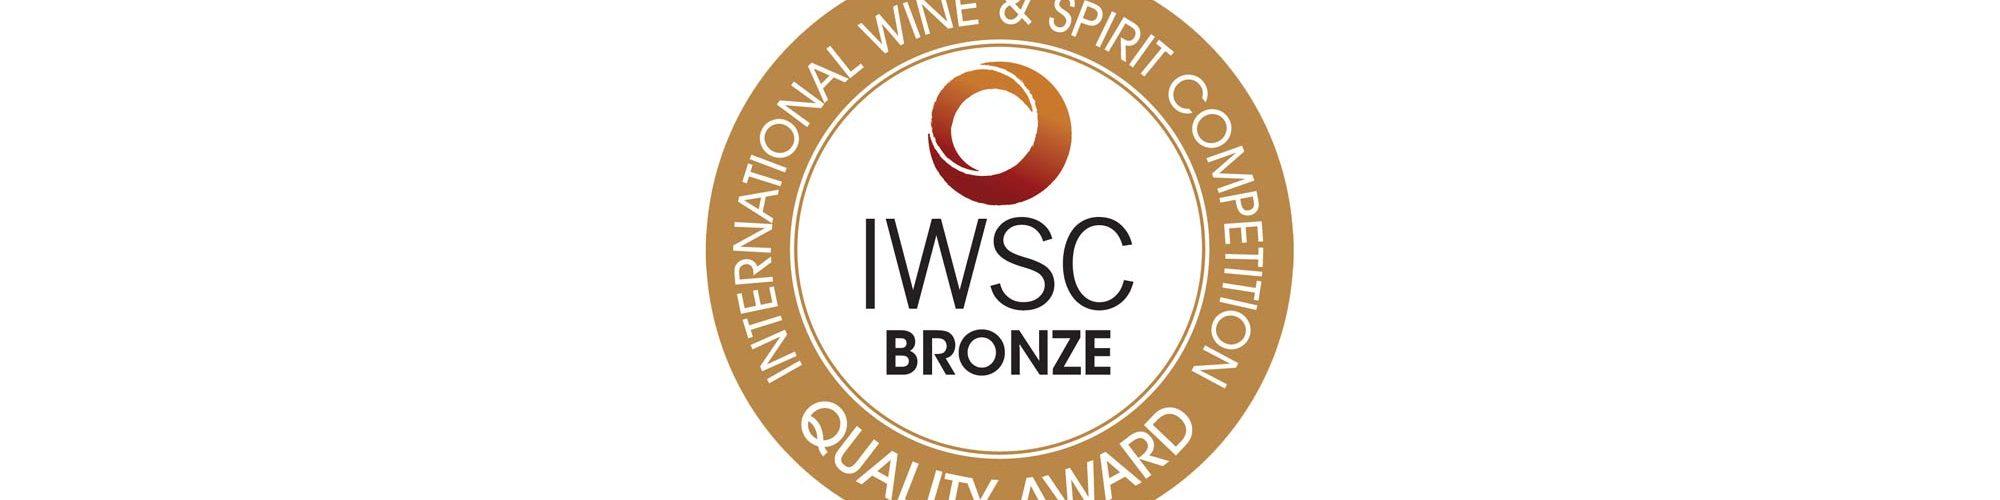 iwsc_bronze